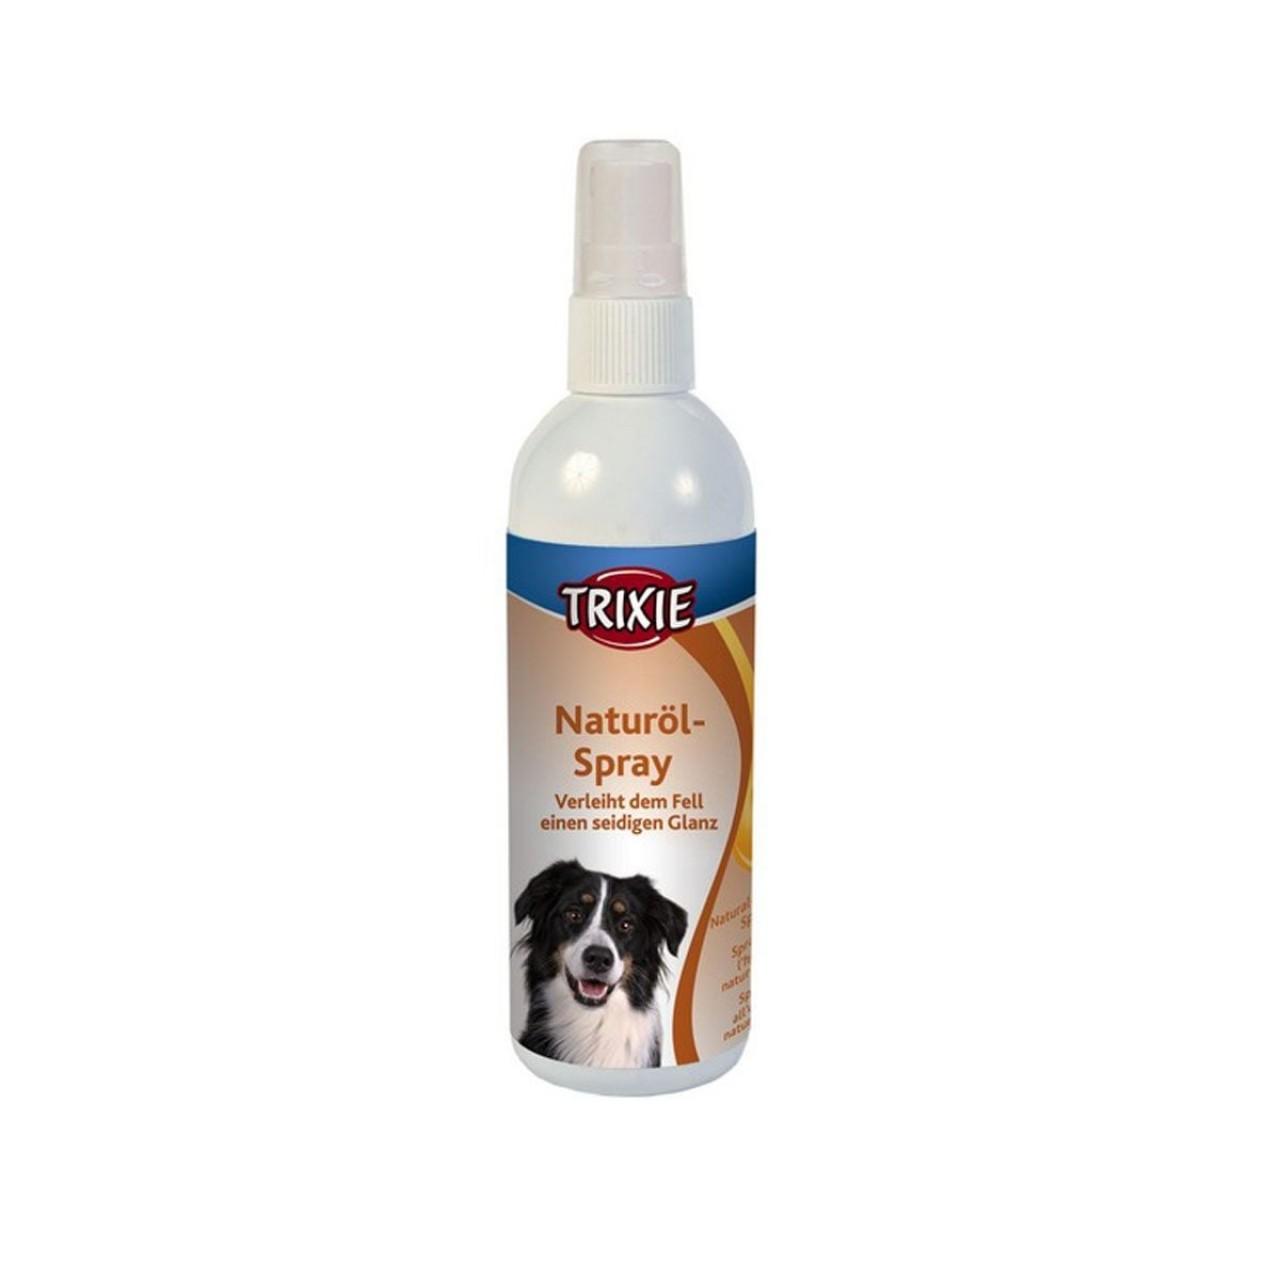 Naturöl-Spray